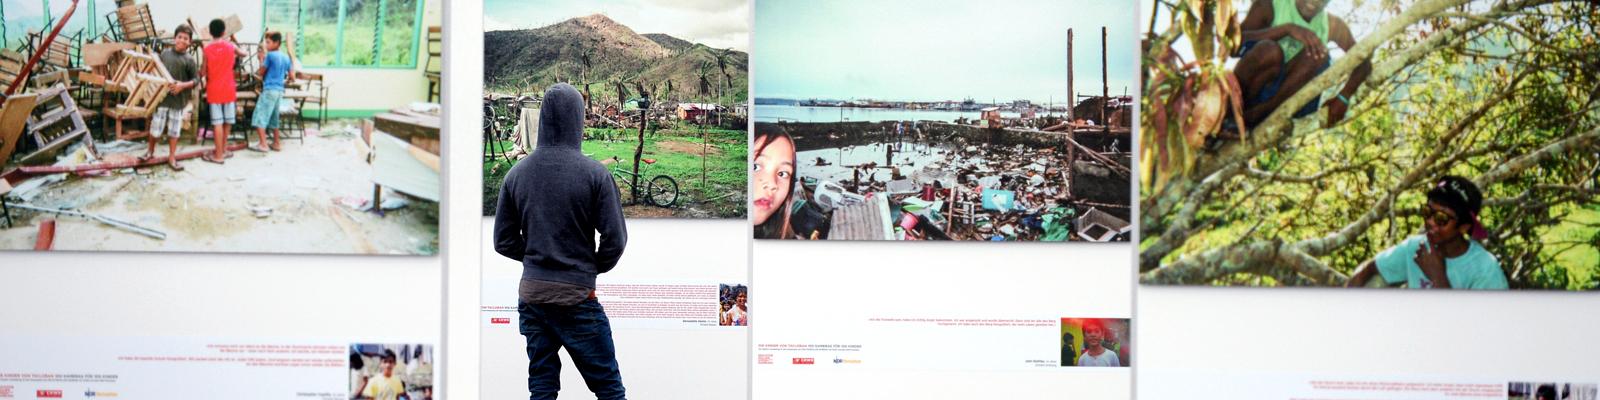 """Ein Besucher betrachtet die Bilder des Projekts von Philipp Abresch """"Die Kinder von Tacloban - 100 Kameras für 100 Kinder""""."""